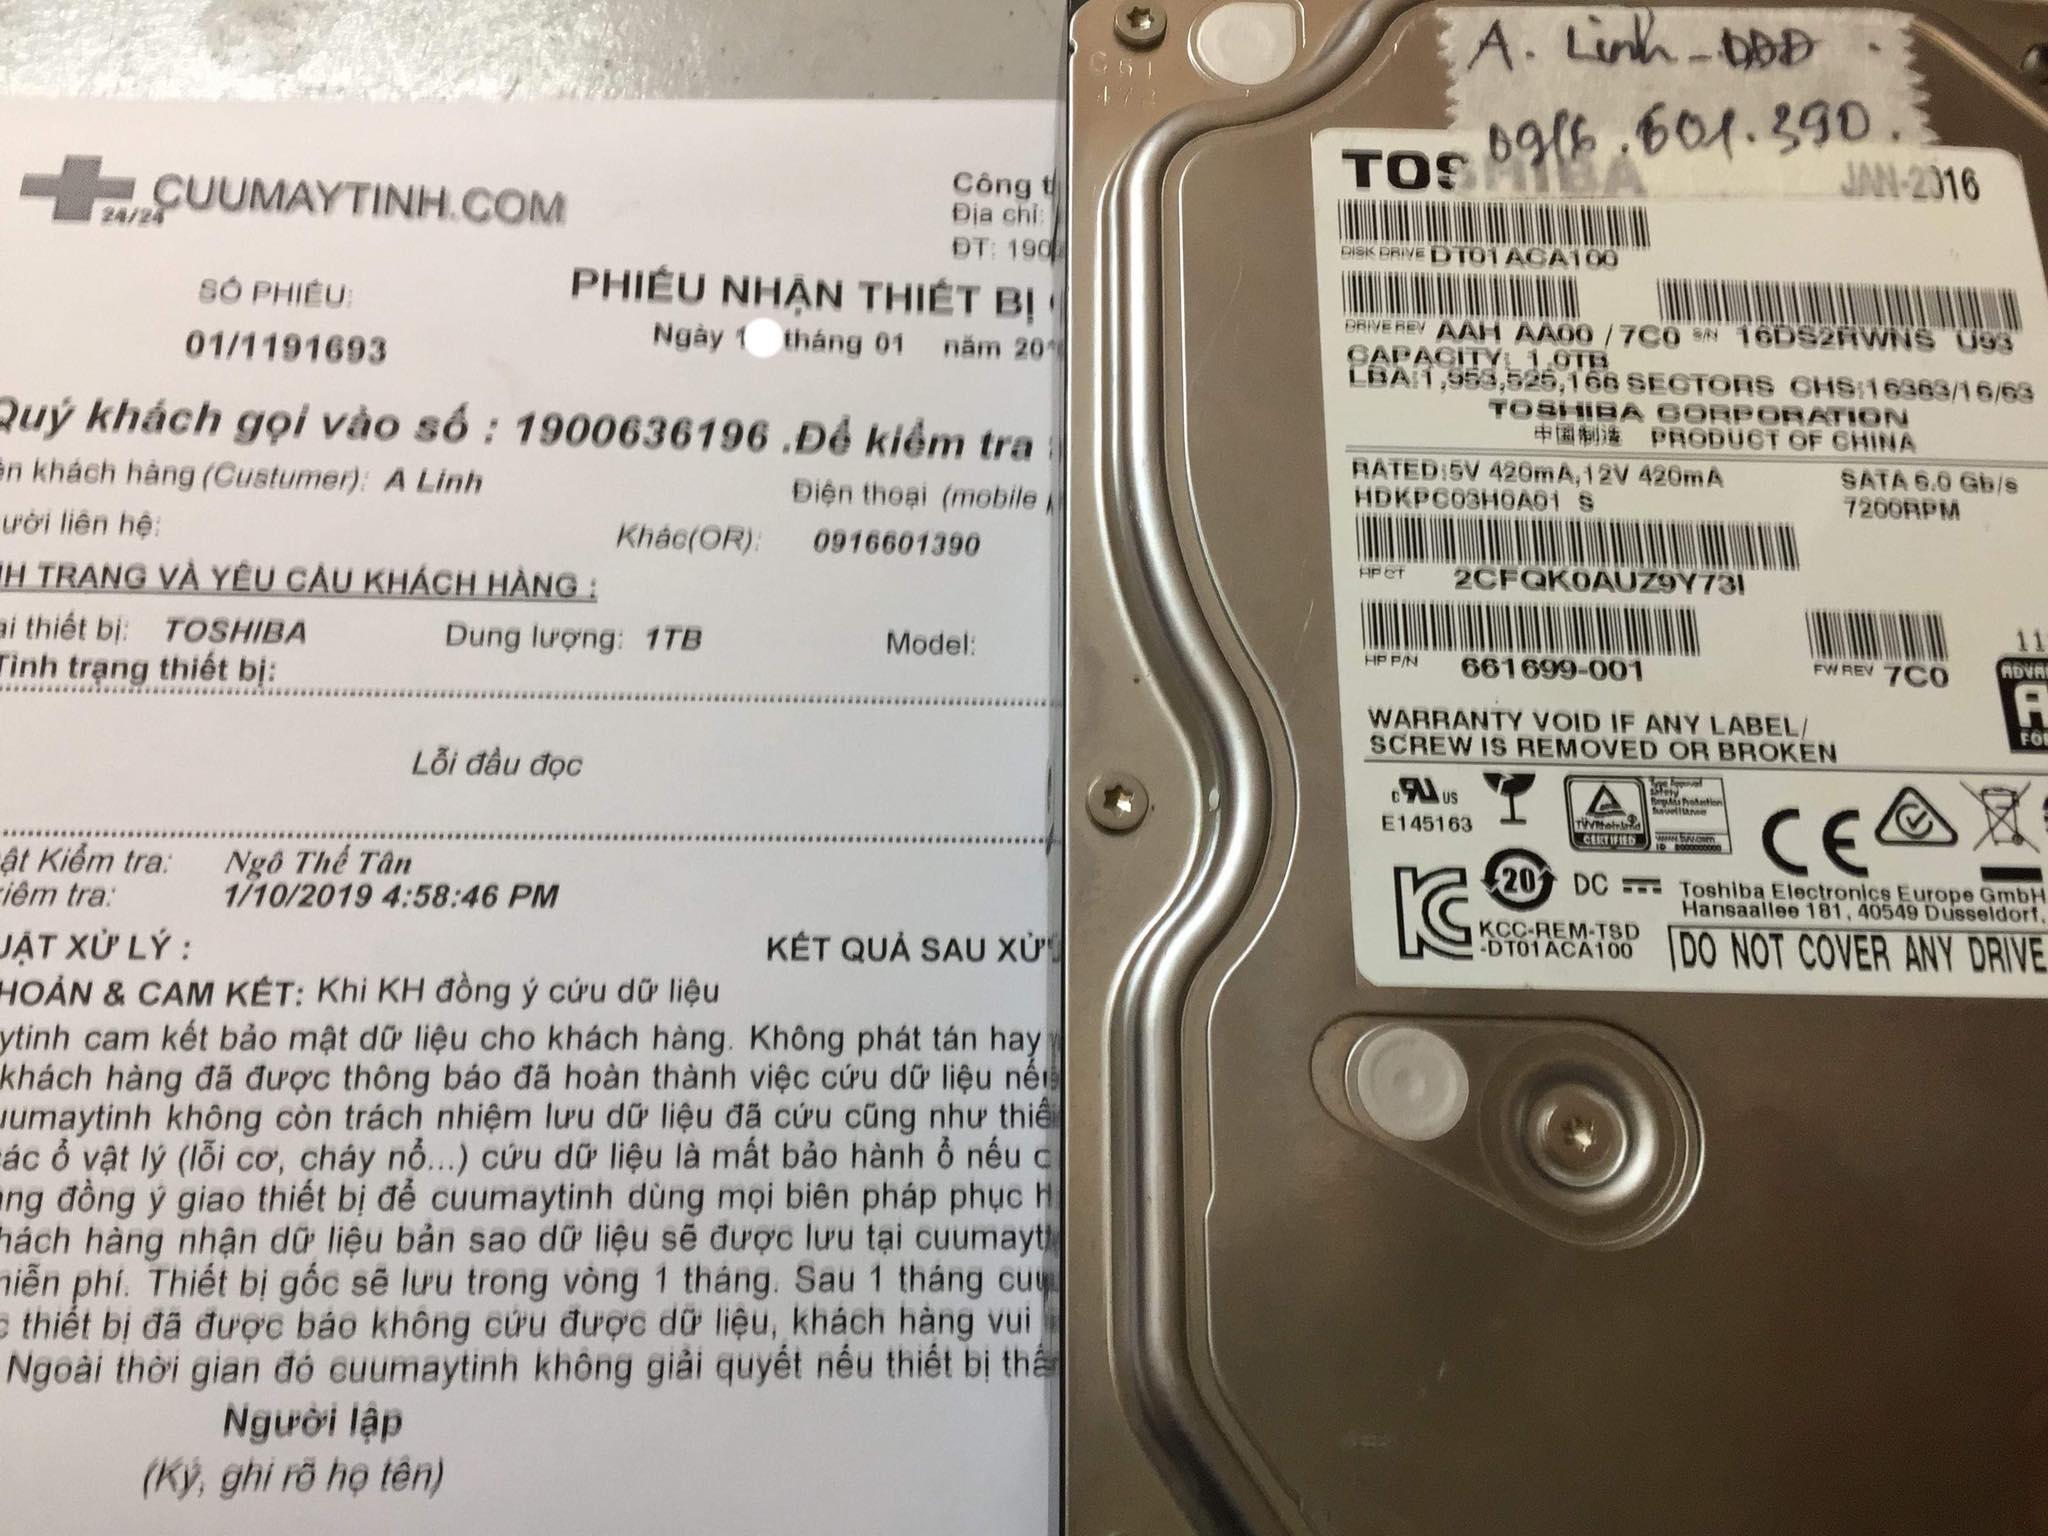 Phục hồi dữ liệu ổ cứng Toshiba 1TB lỗi đầu đọc 25/01/2019 - cuumaytinh